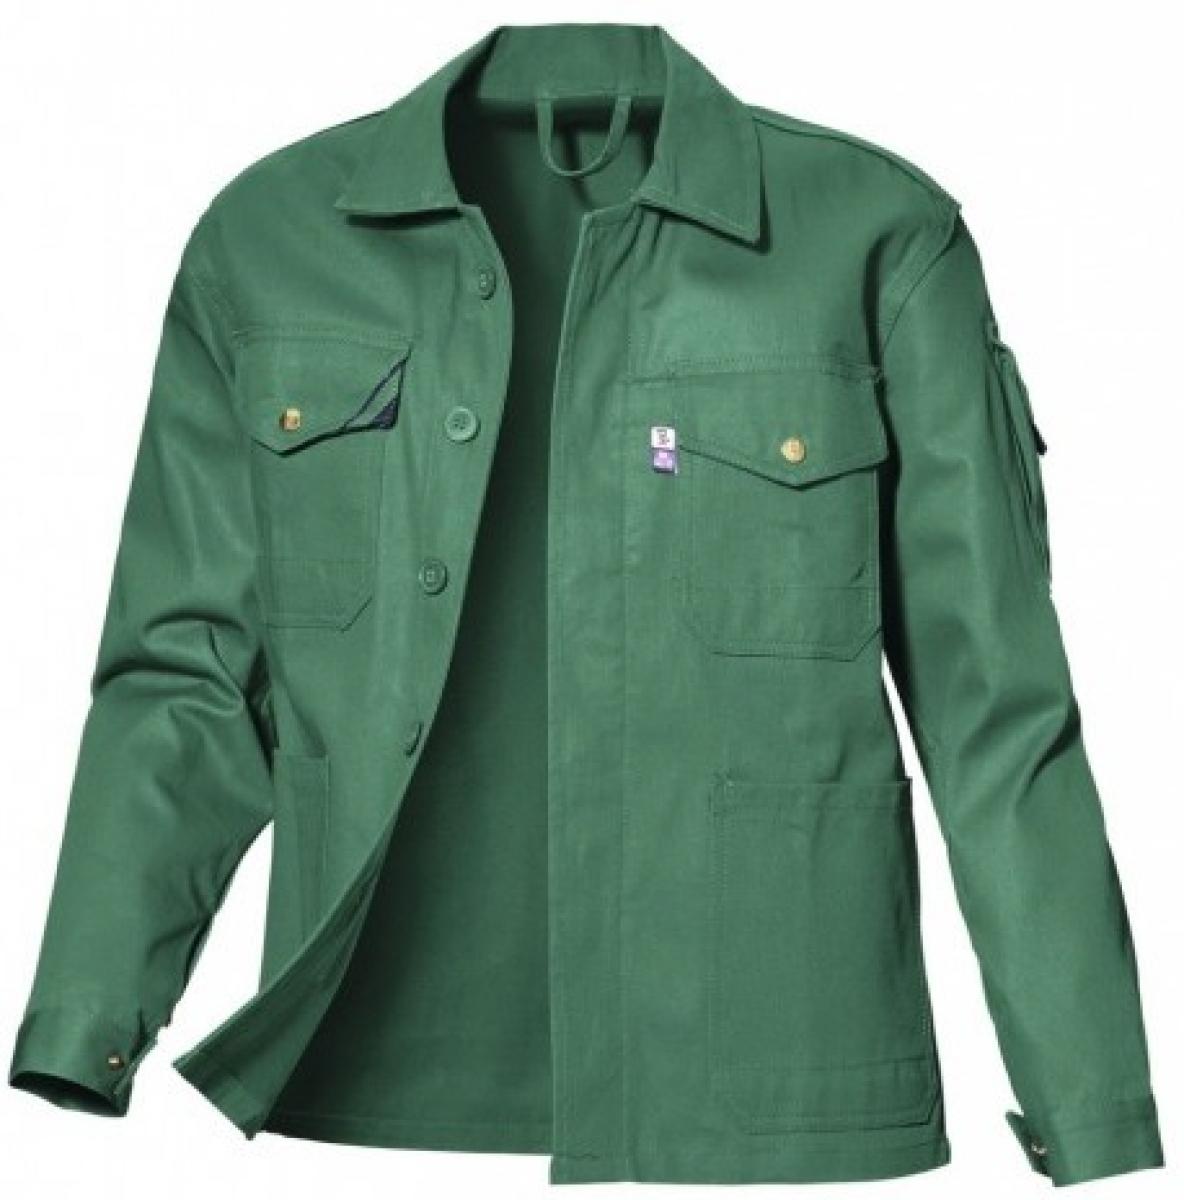 PKA-Arbeits-Berufs-Bund-Jacke, Star, BW310, grün